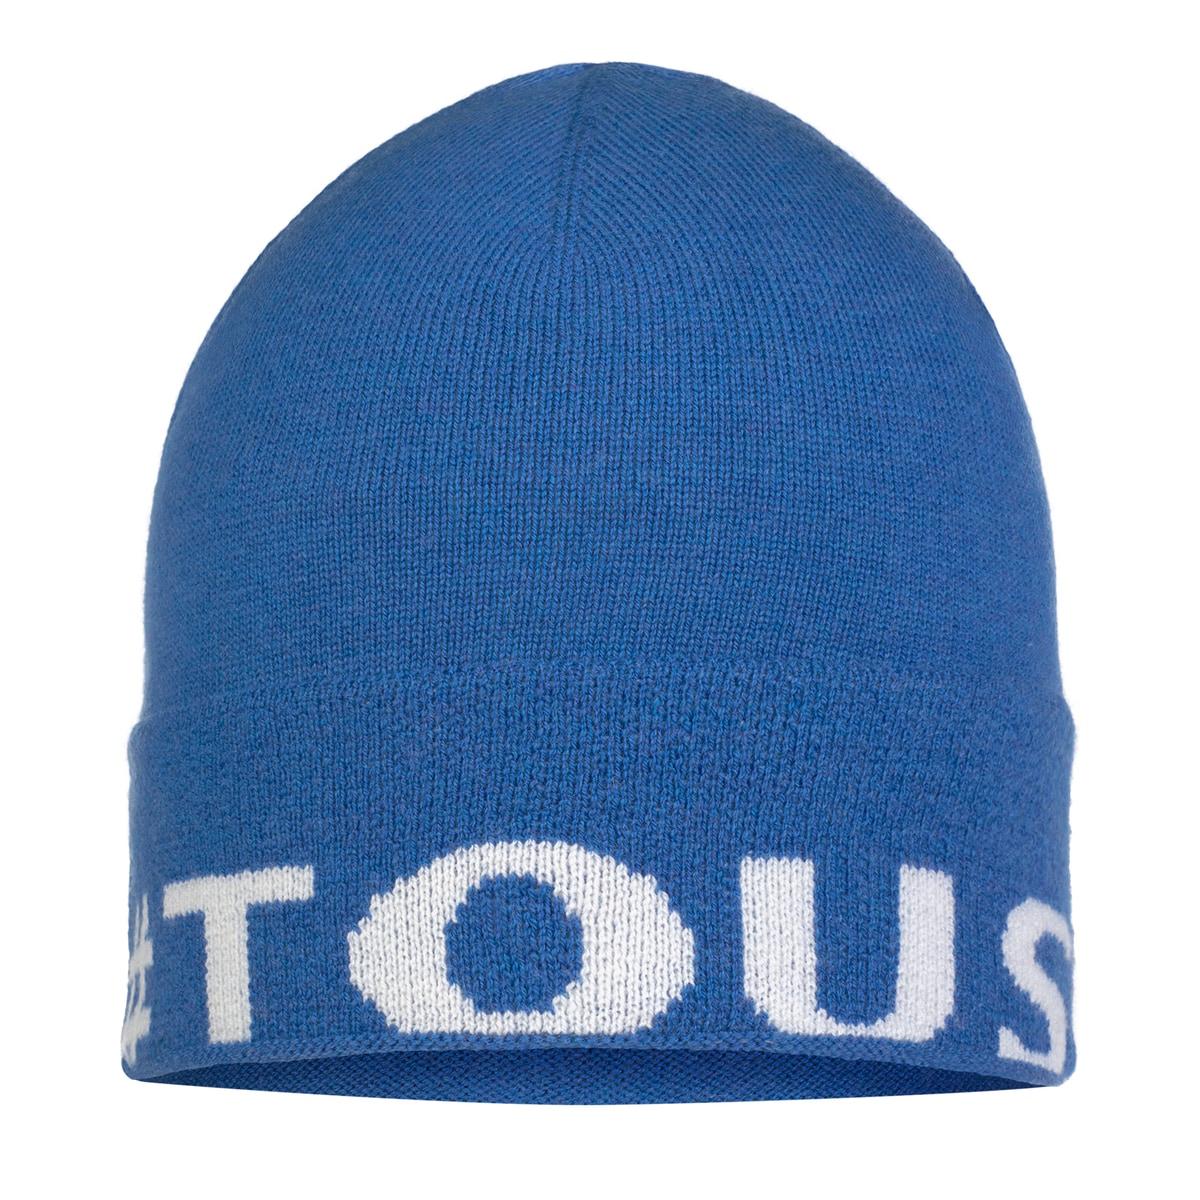 Μπλε Καπέλο Tous Lovers